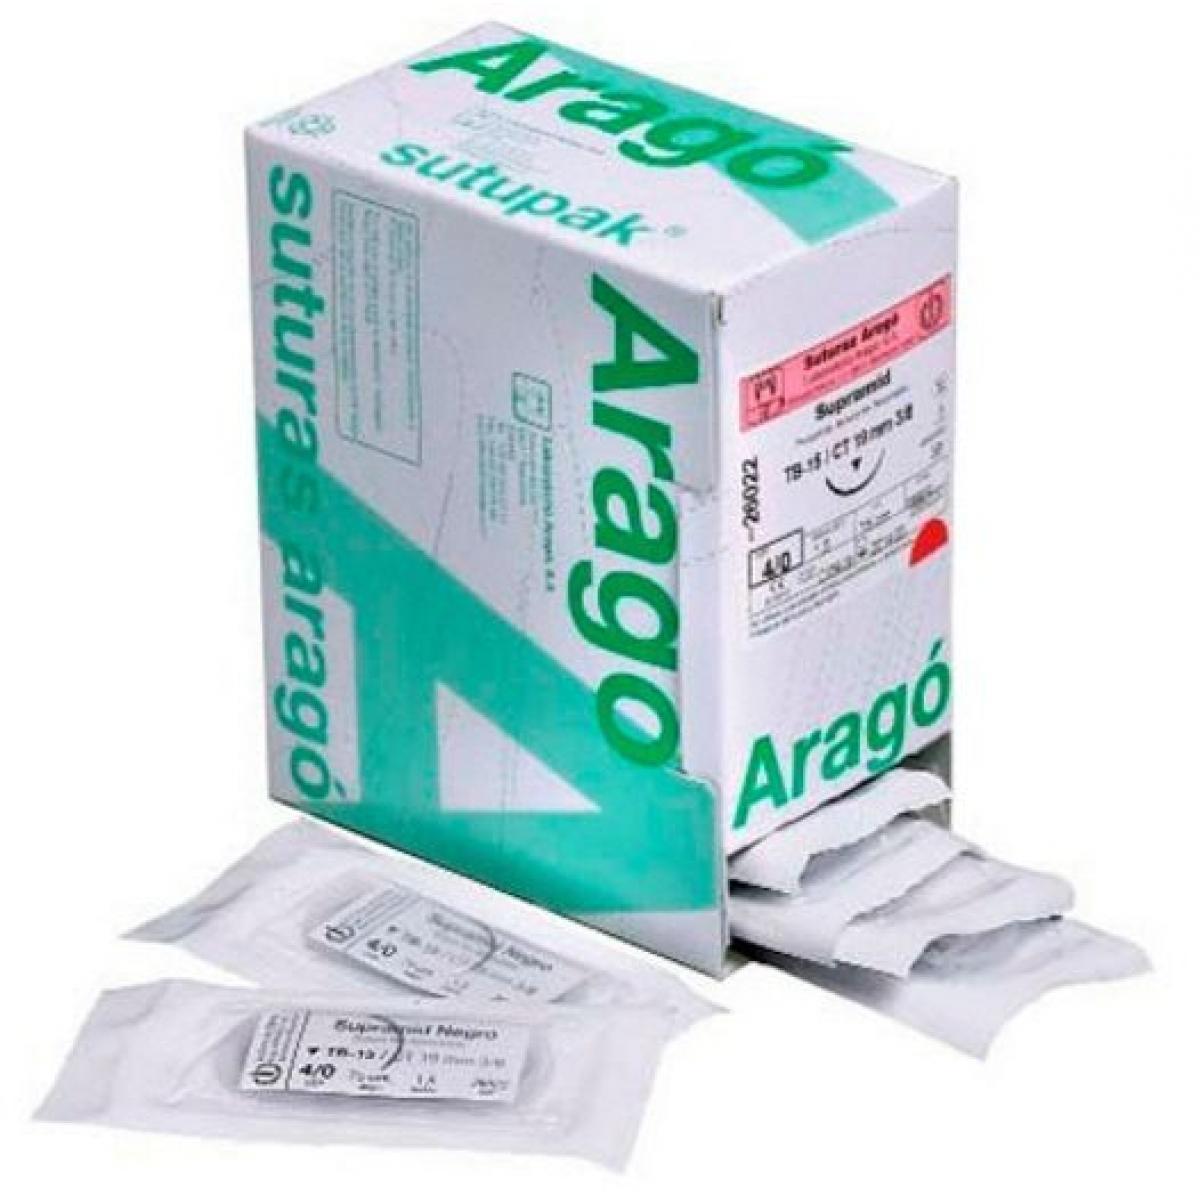 SUTURA ARAGO SUPRAMID NEGRO 4 0 TC12 36U -